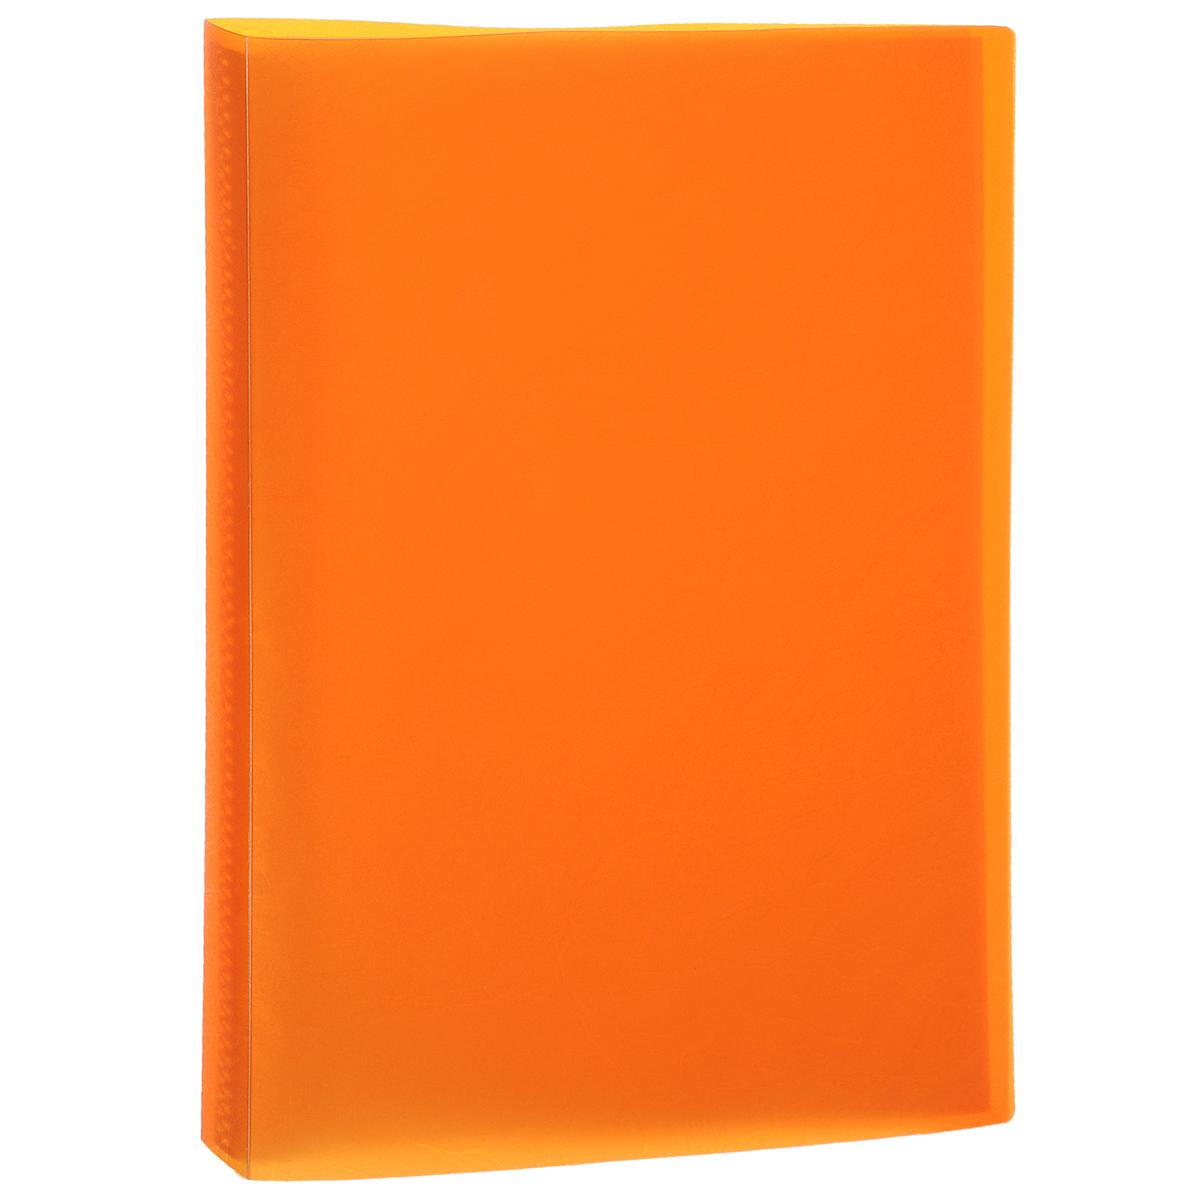 Папка Centrum, 20 файлов, цвет: оранжевый. Формат А484035ОПапка Centrum - это удобный и функциональный офисный инструмент, предназначенный для хранения и транспортировки рабочих бумаг и документов формата А4.Папка изготовлена из прочного высококачественного пластика и включает в себя 20 прозрачных вкладышей-файлов. Обложка папки оформлена тиснением под кожу. Папка имеет опрятный и неброский вид. Уголки папки имеют закругленную форму, что предотвращает их загибание и помогает надолго сохранить опрятный вид обложки.Папка - это незаменимый атрибут для любого студента, школьника или офисного работника. Такая папка надежно сохранит ваши бумаги и сбережет их от повреждений, пыли и влаги.